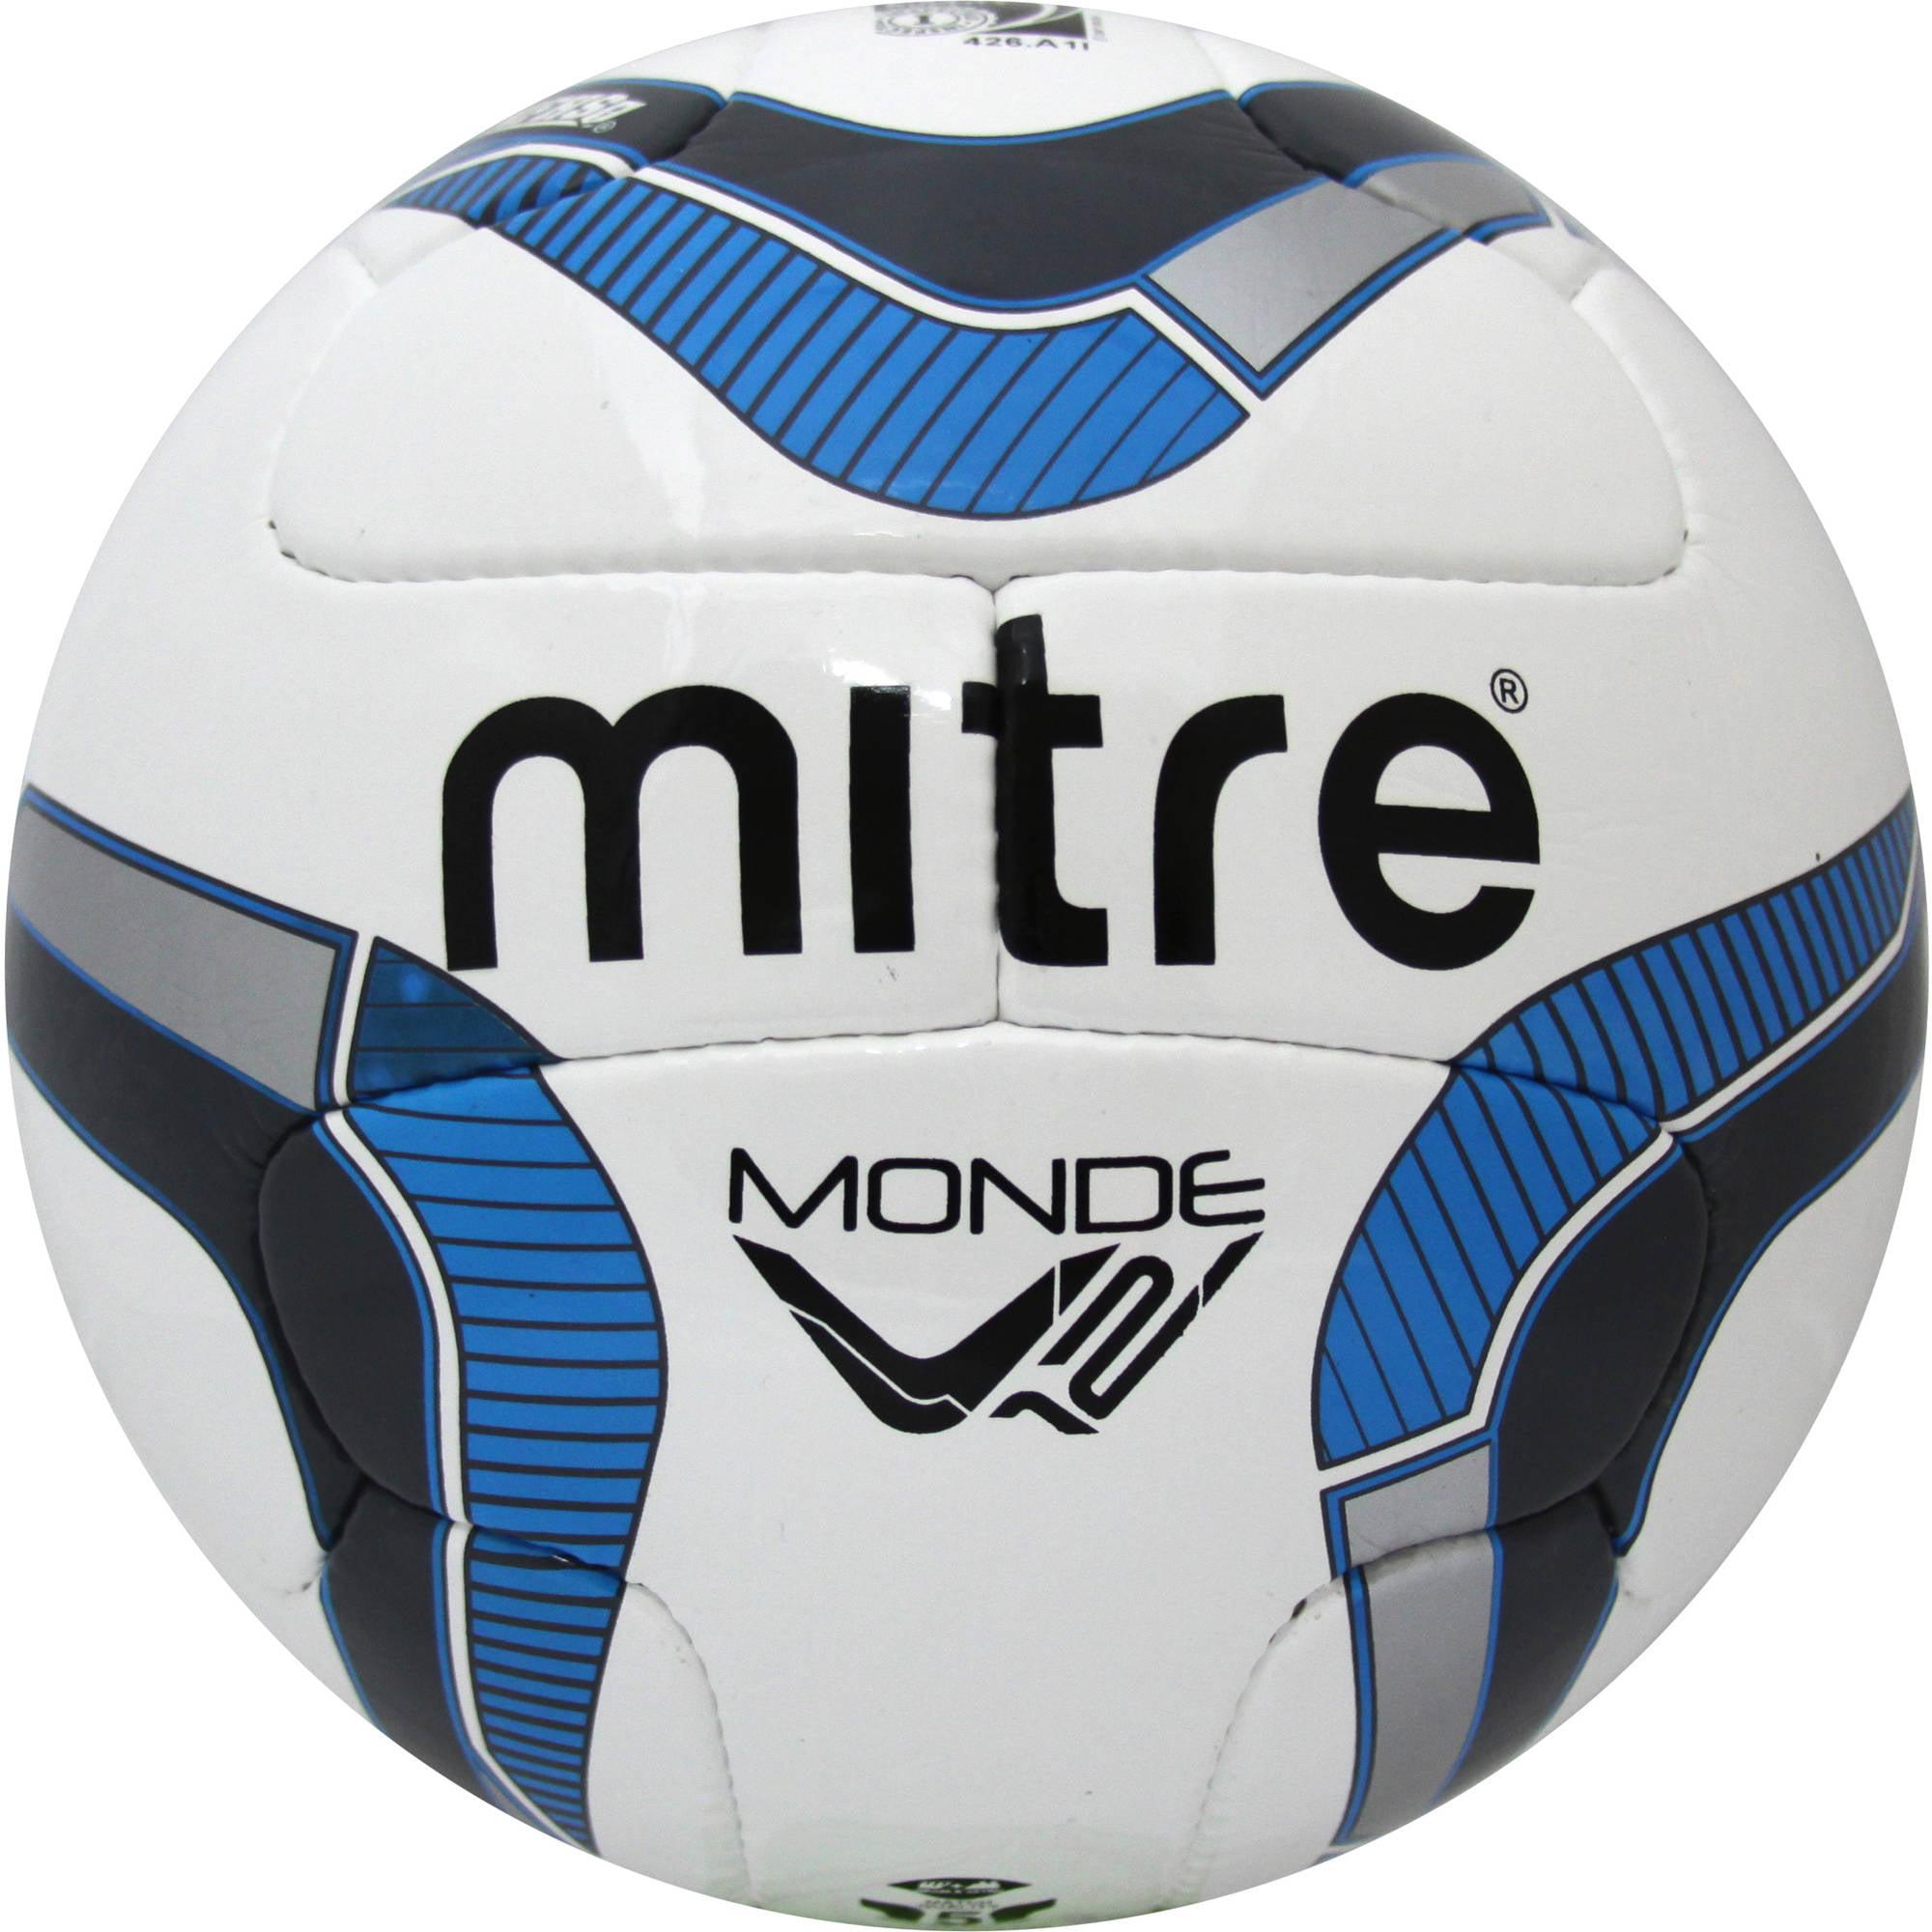 Mitre Monde V12 with NFHS Logo White/Grey/Blue Soccer Ball